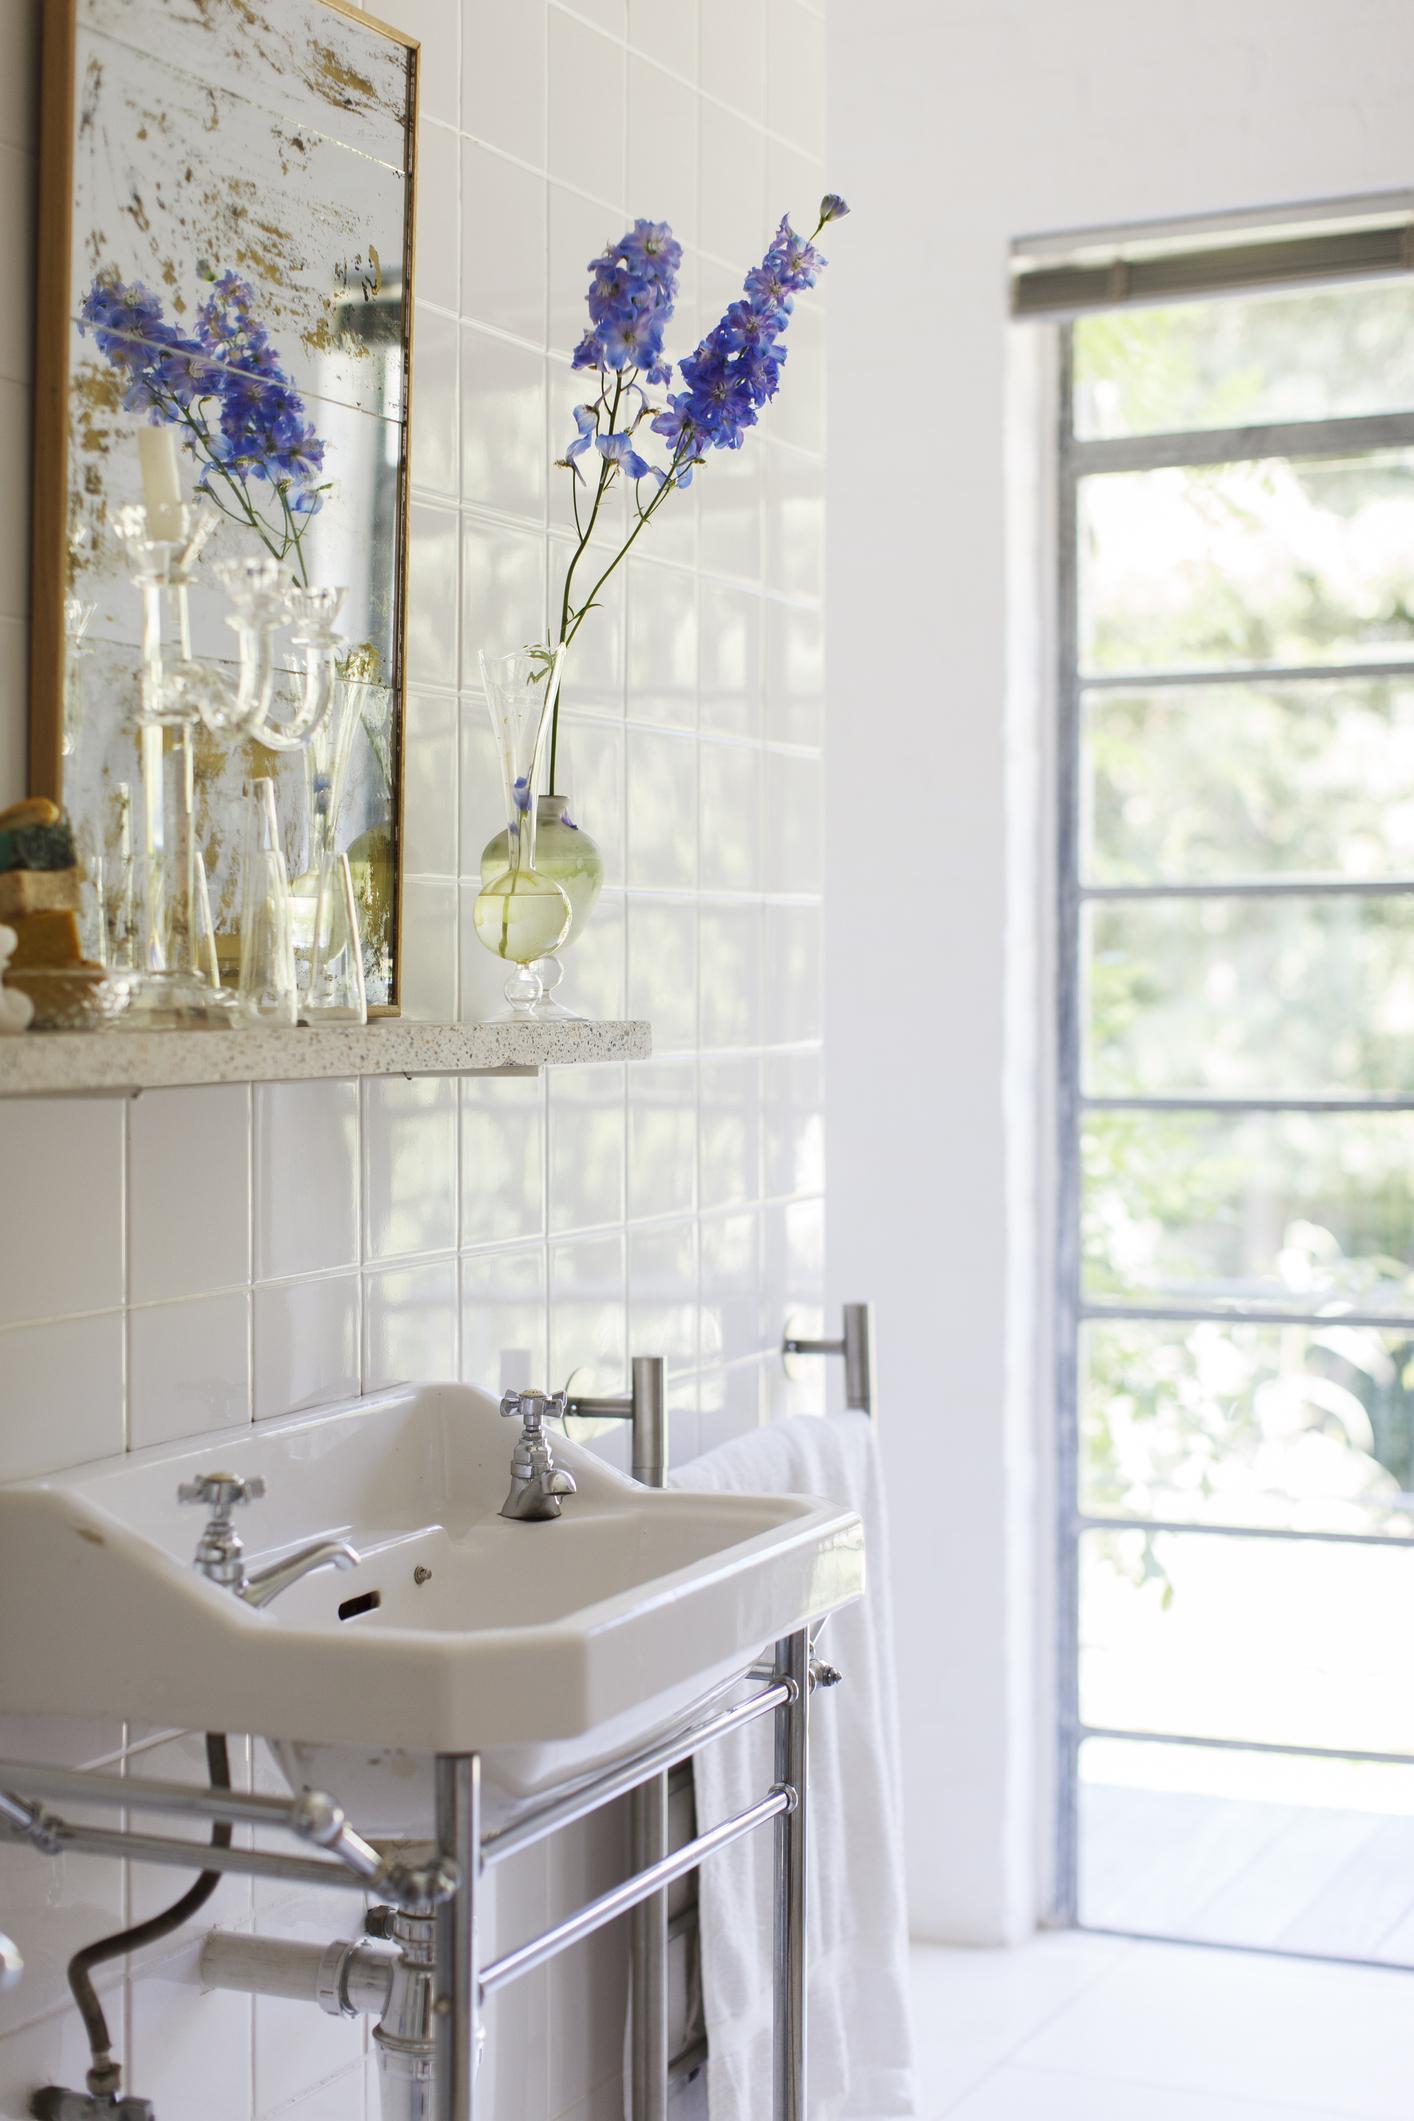 Nuove idee e consigli per progettare e arredare un bagno piccolo  Casait